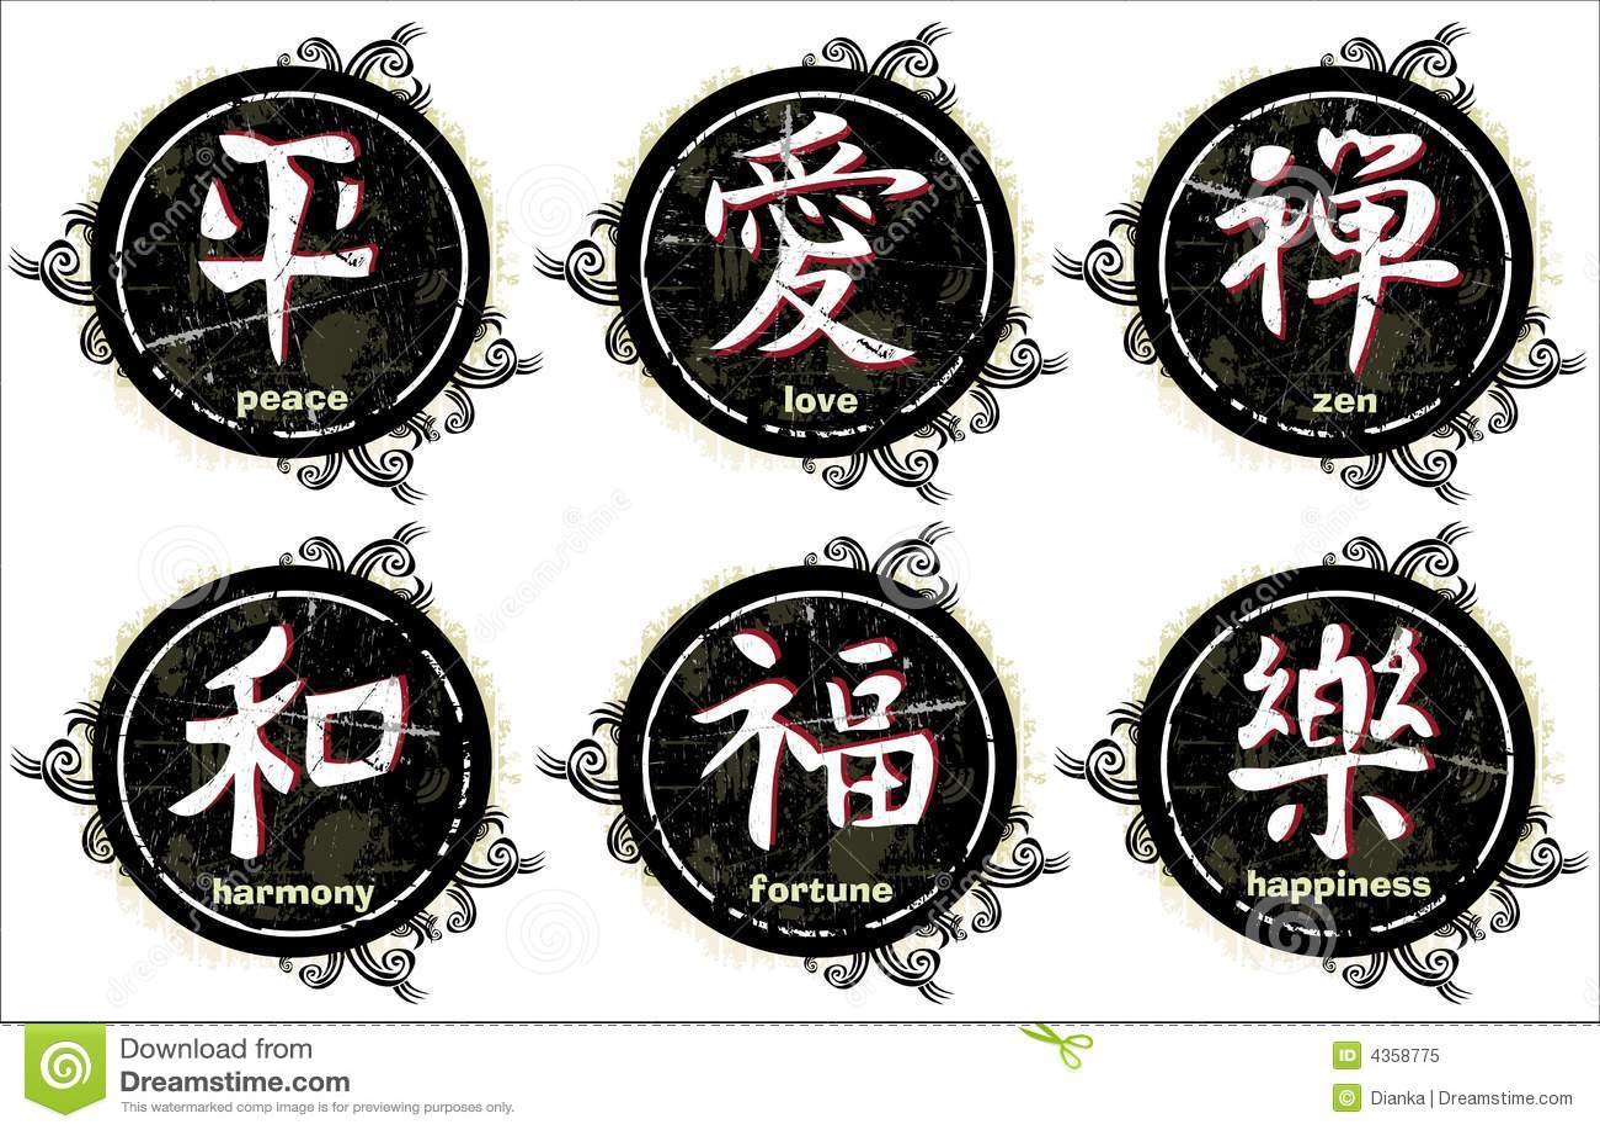 japanese symbol for love wallpaper